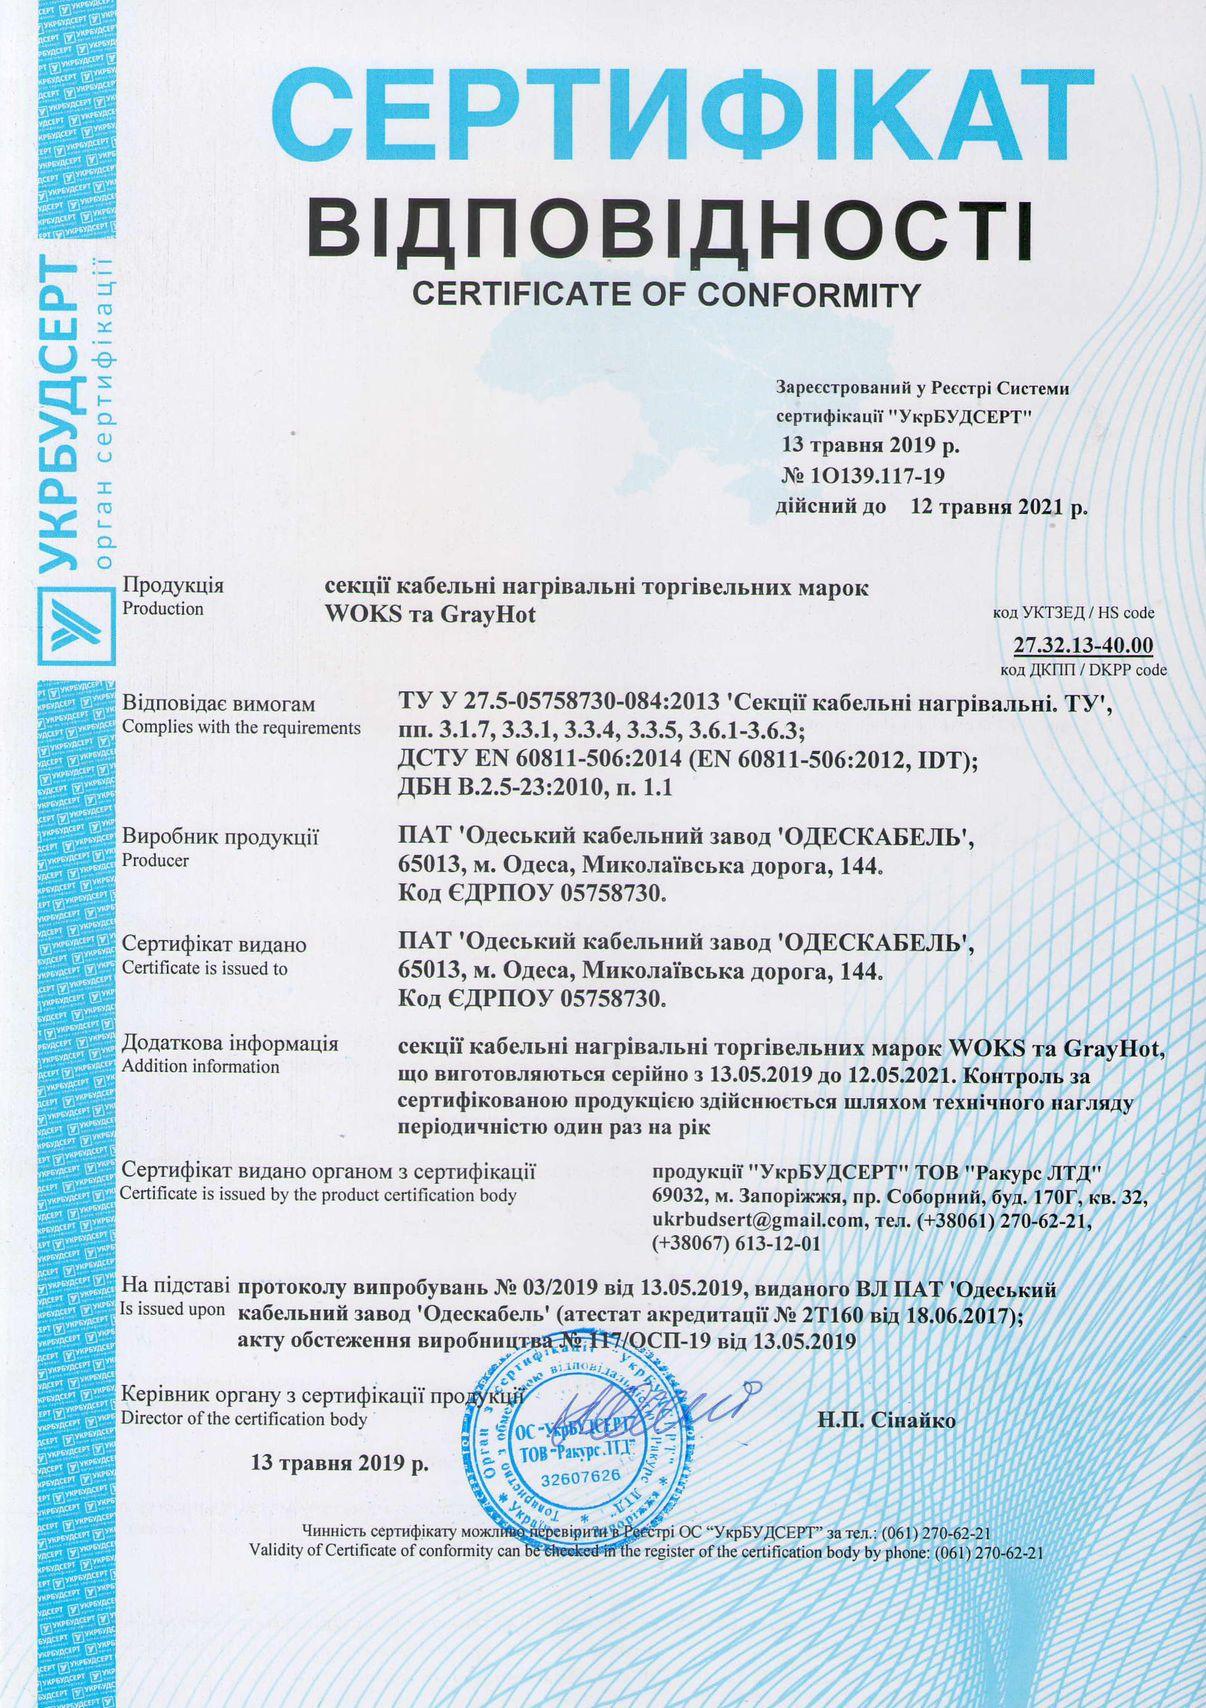 Сертификат Одескабель секции 2021